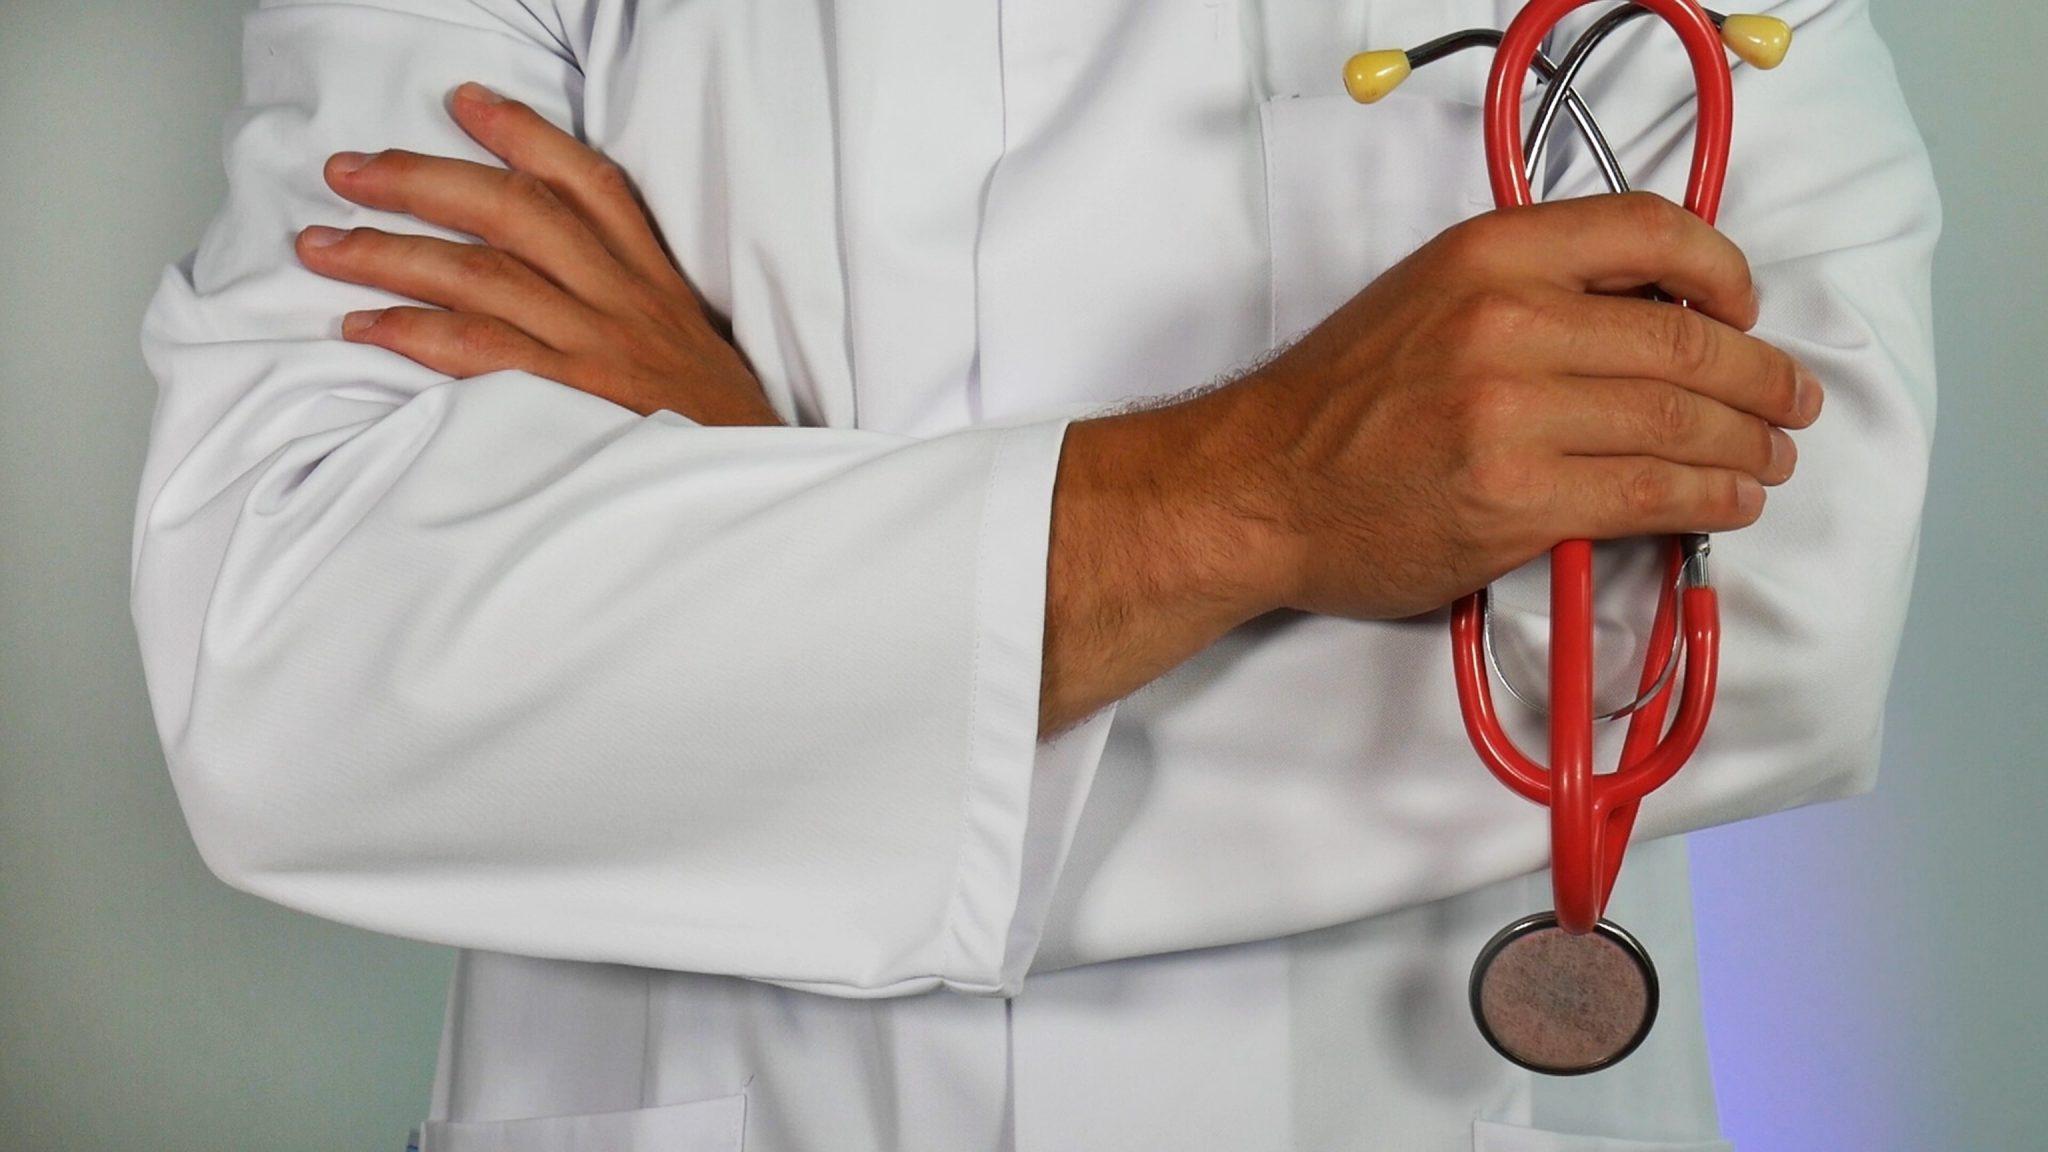 medico fractura cadera